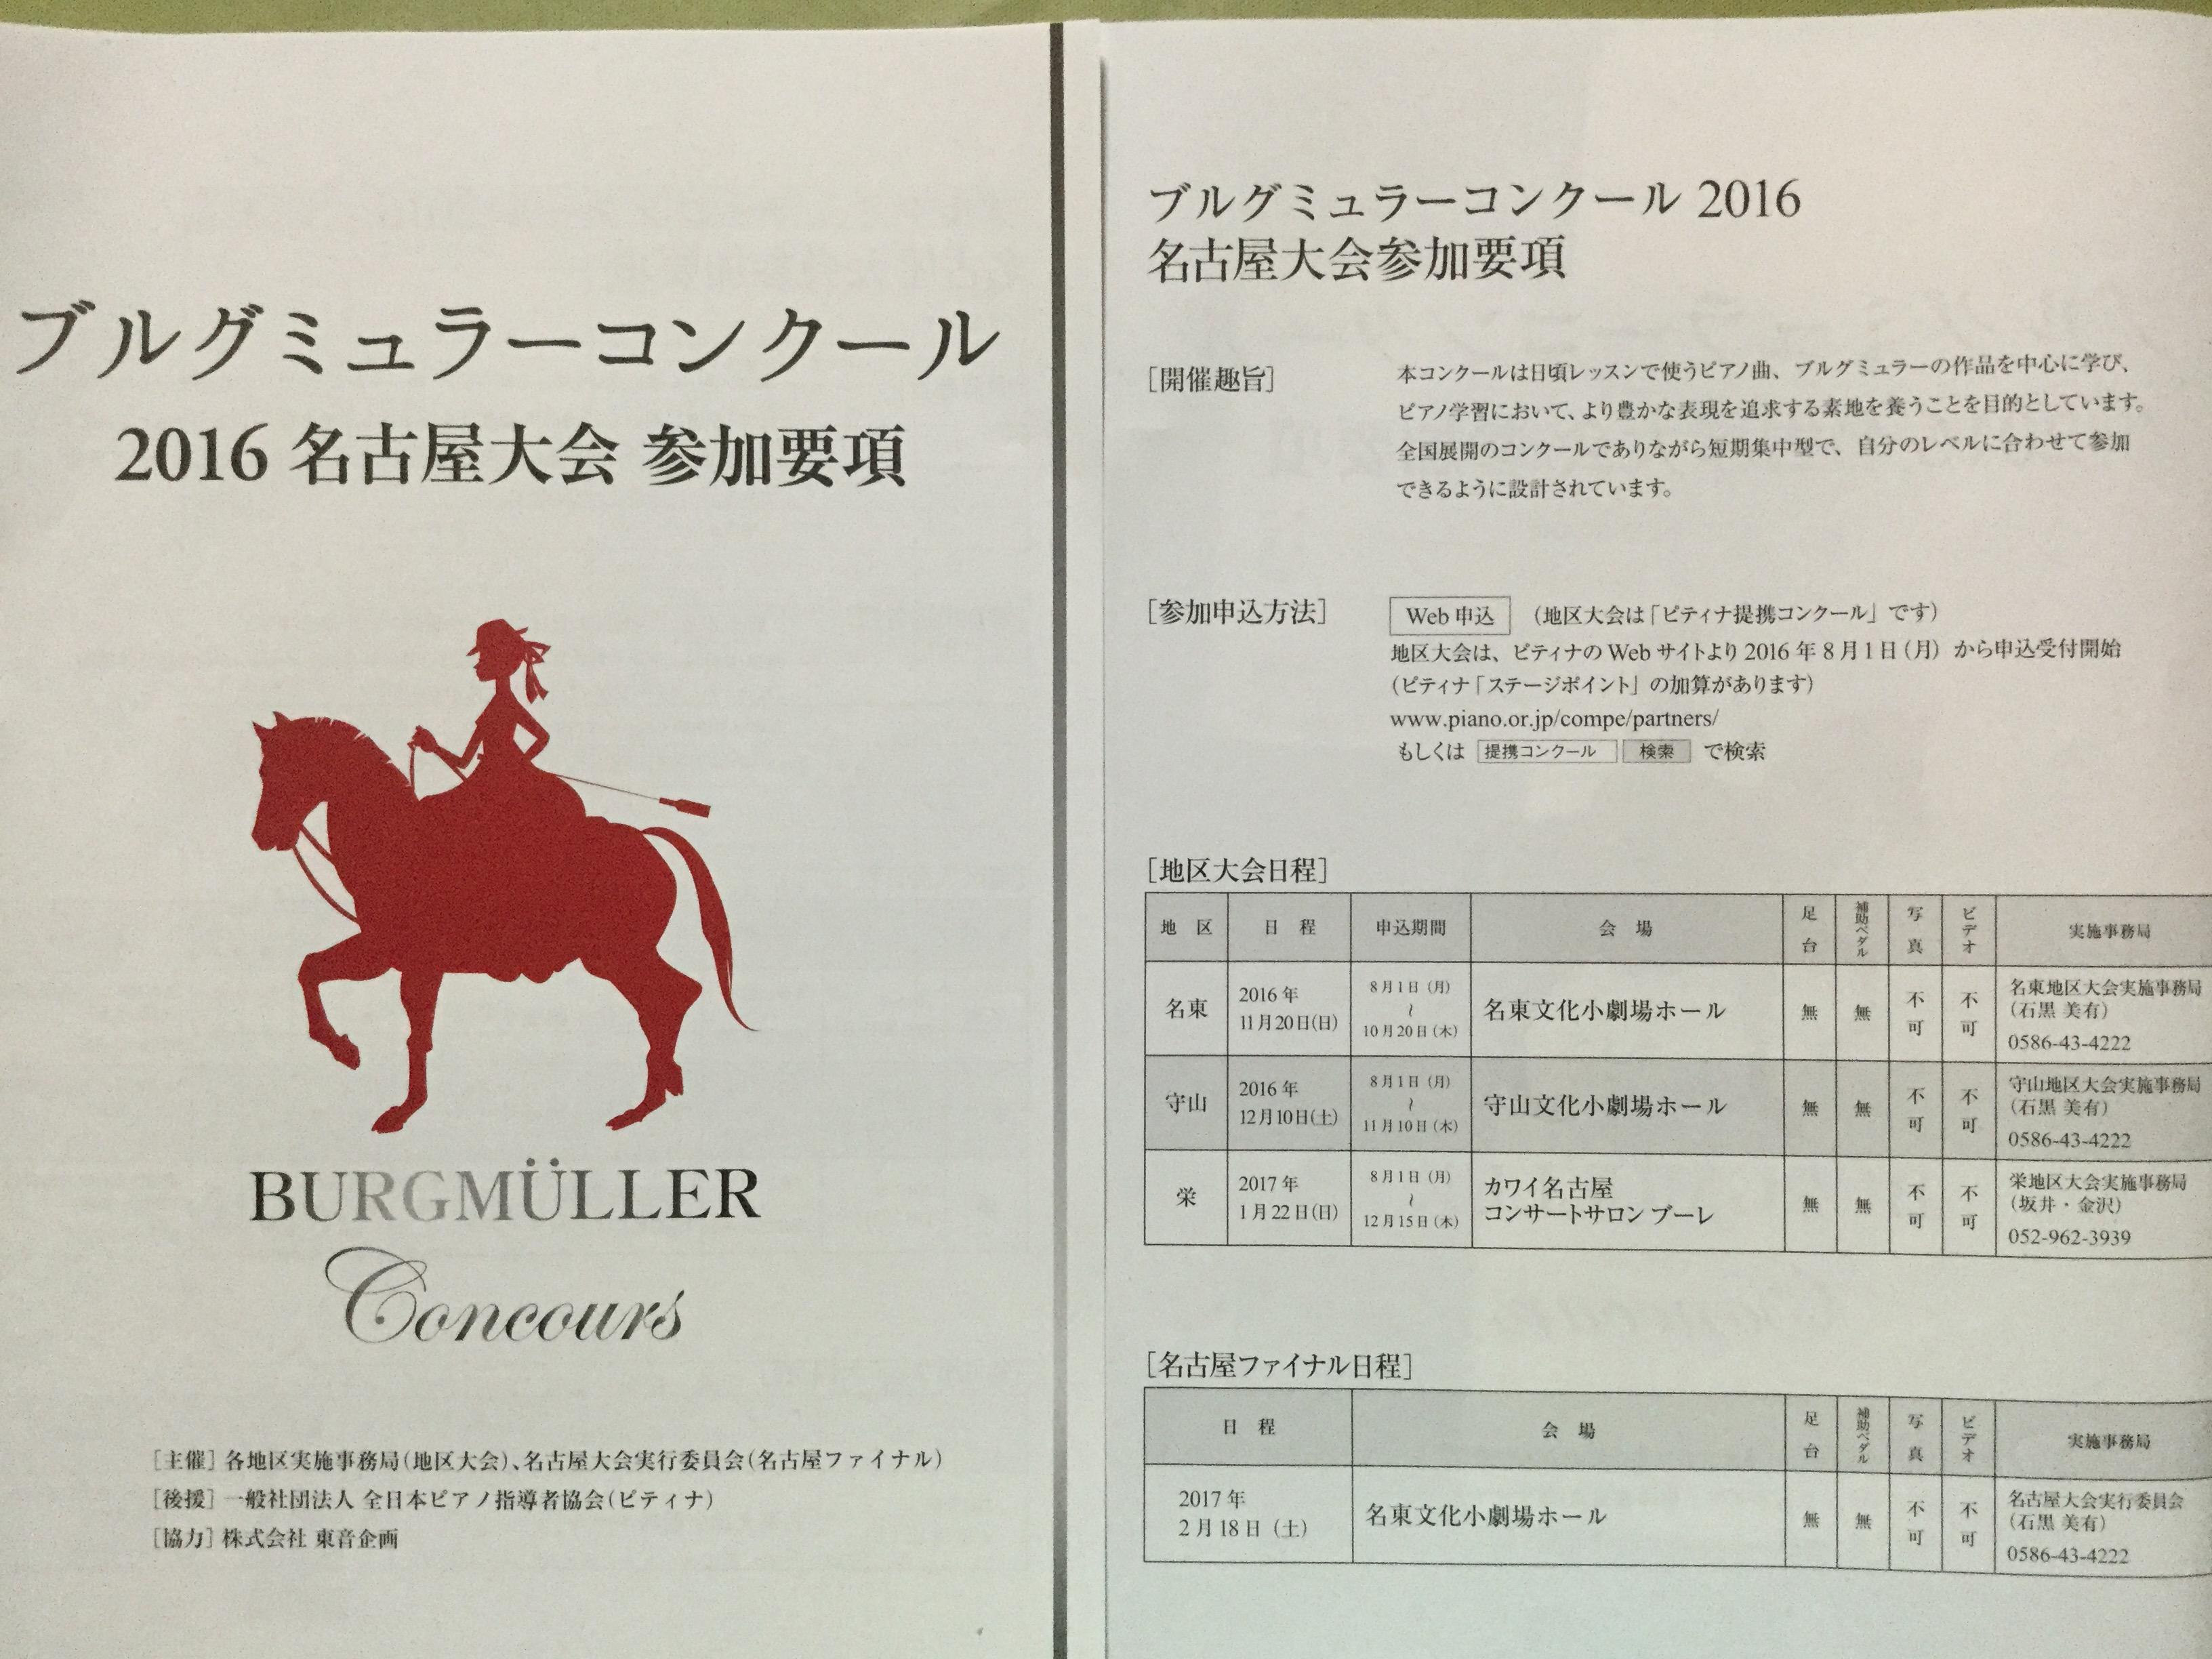 第一回 ブルグミュラーコンクール 名古屋大会